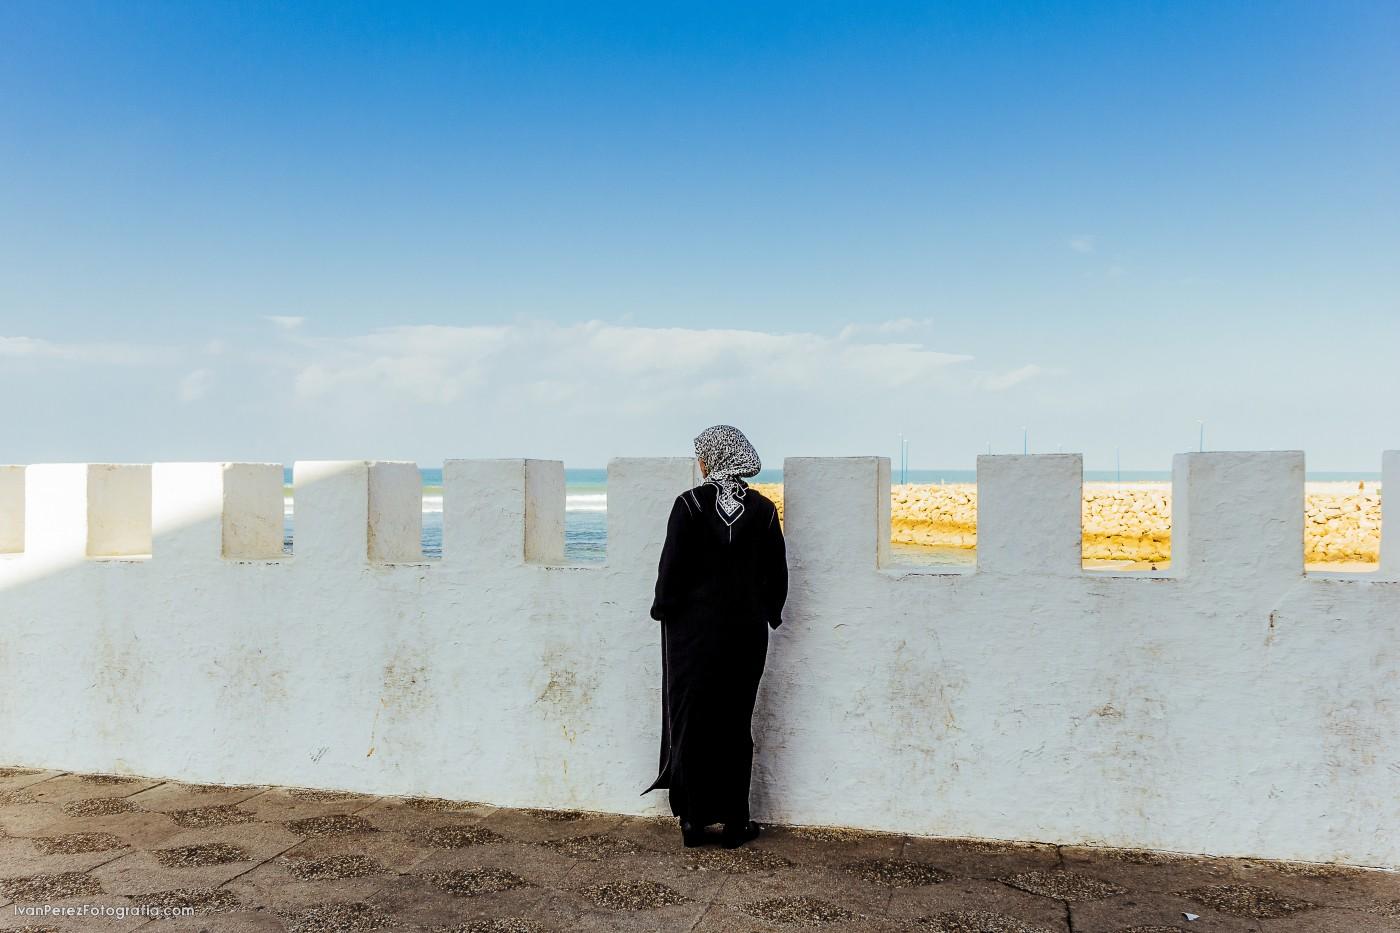 Assilah, Marruecos, 2015